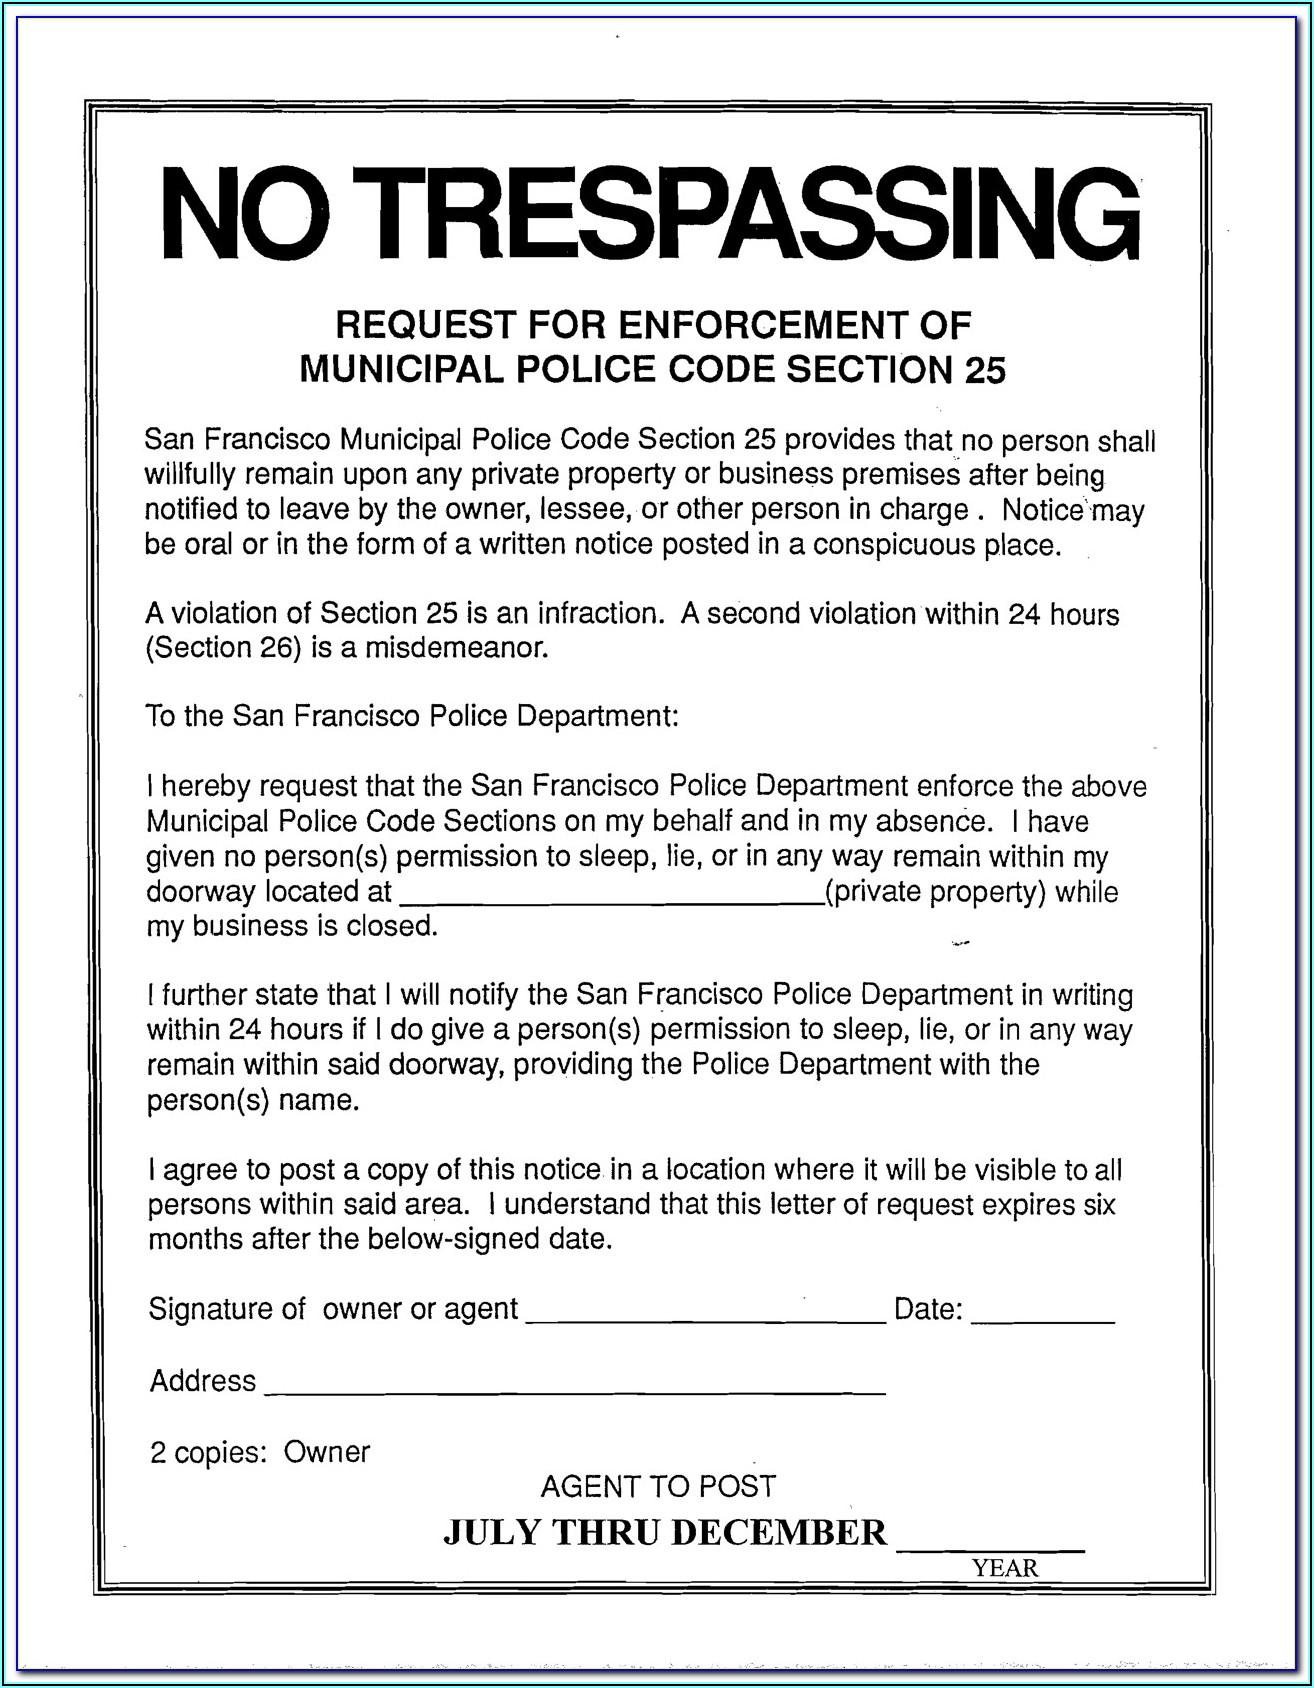 No Trespassing Form